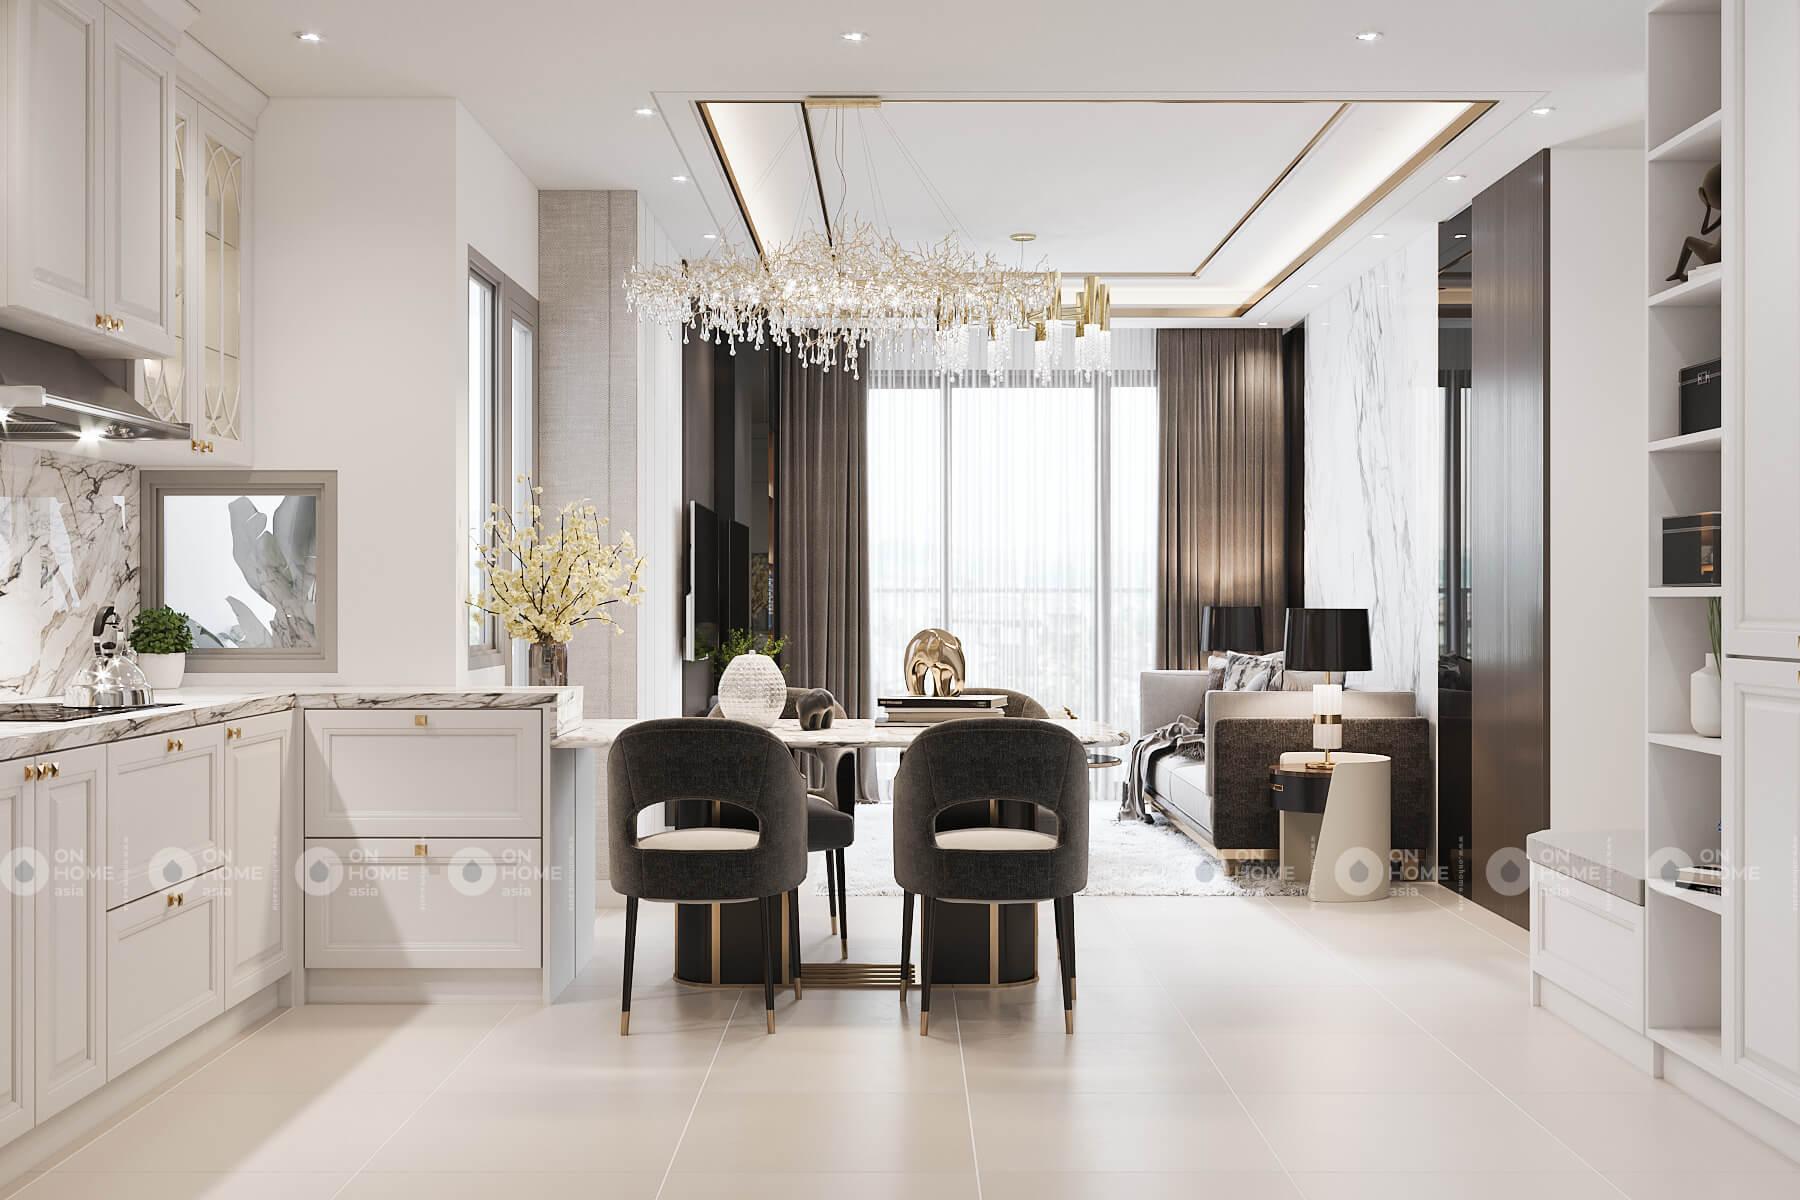 Thiết kế nội thất phòng bếp căn hộ Compass One